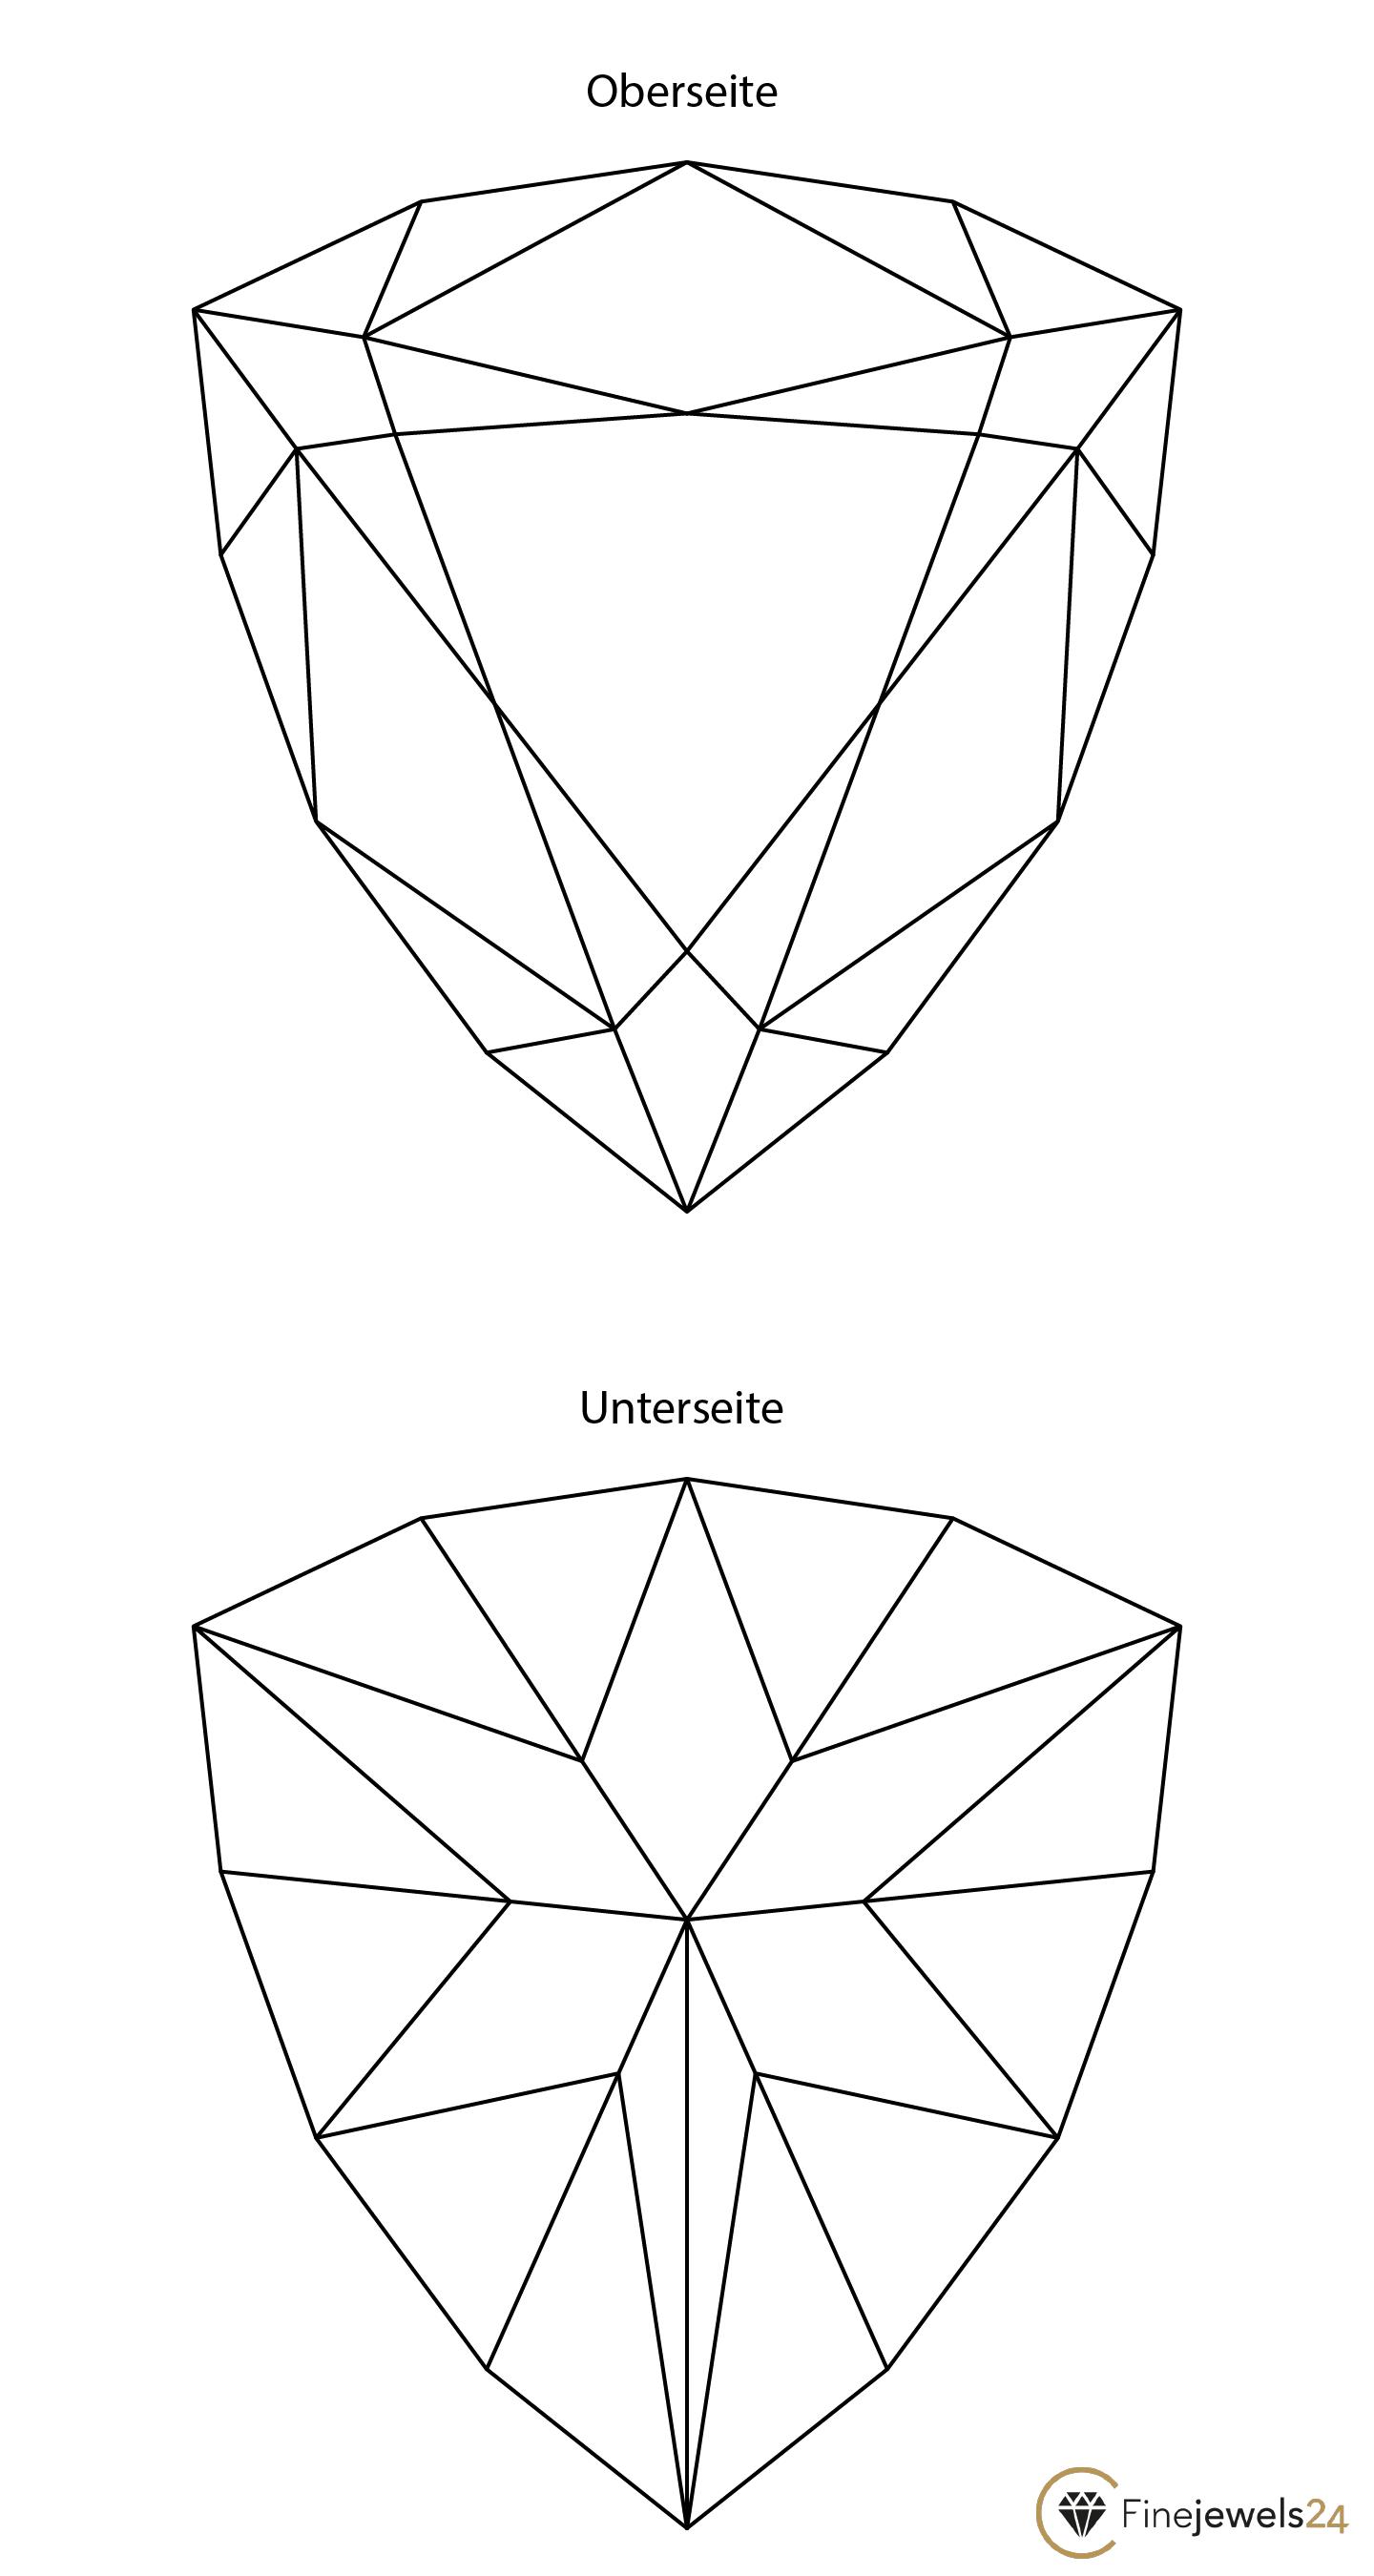 Trilliantschliff Oberseite und Unterseite